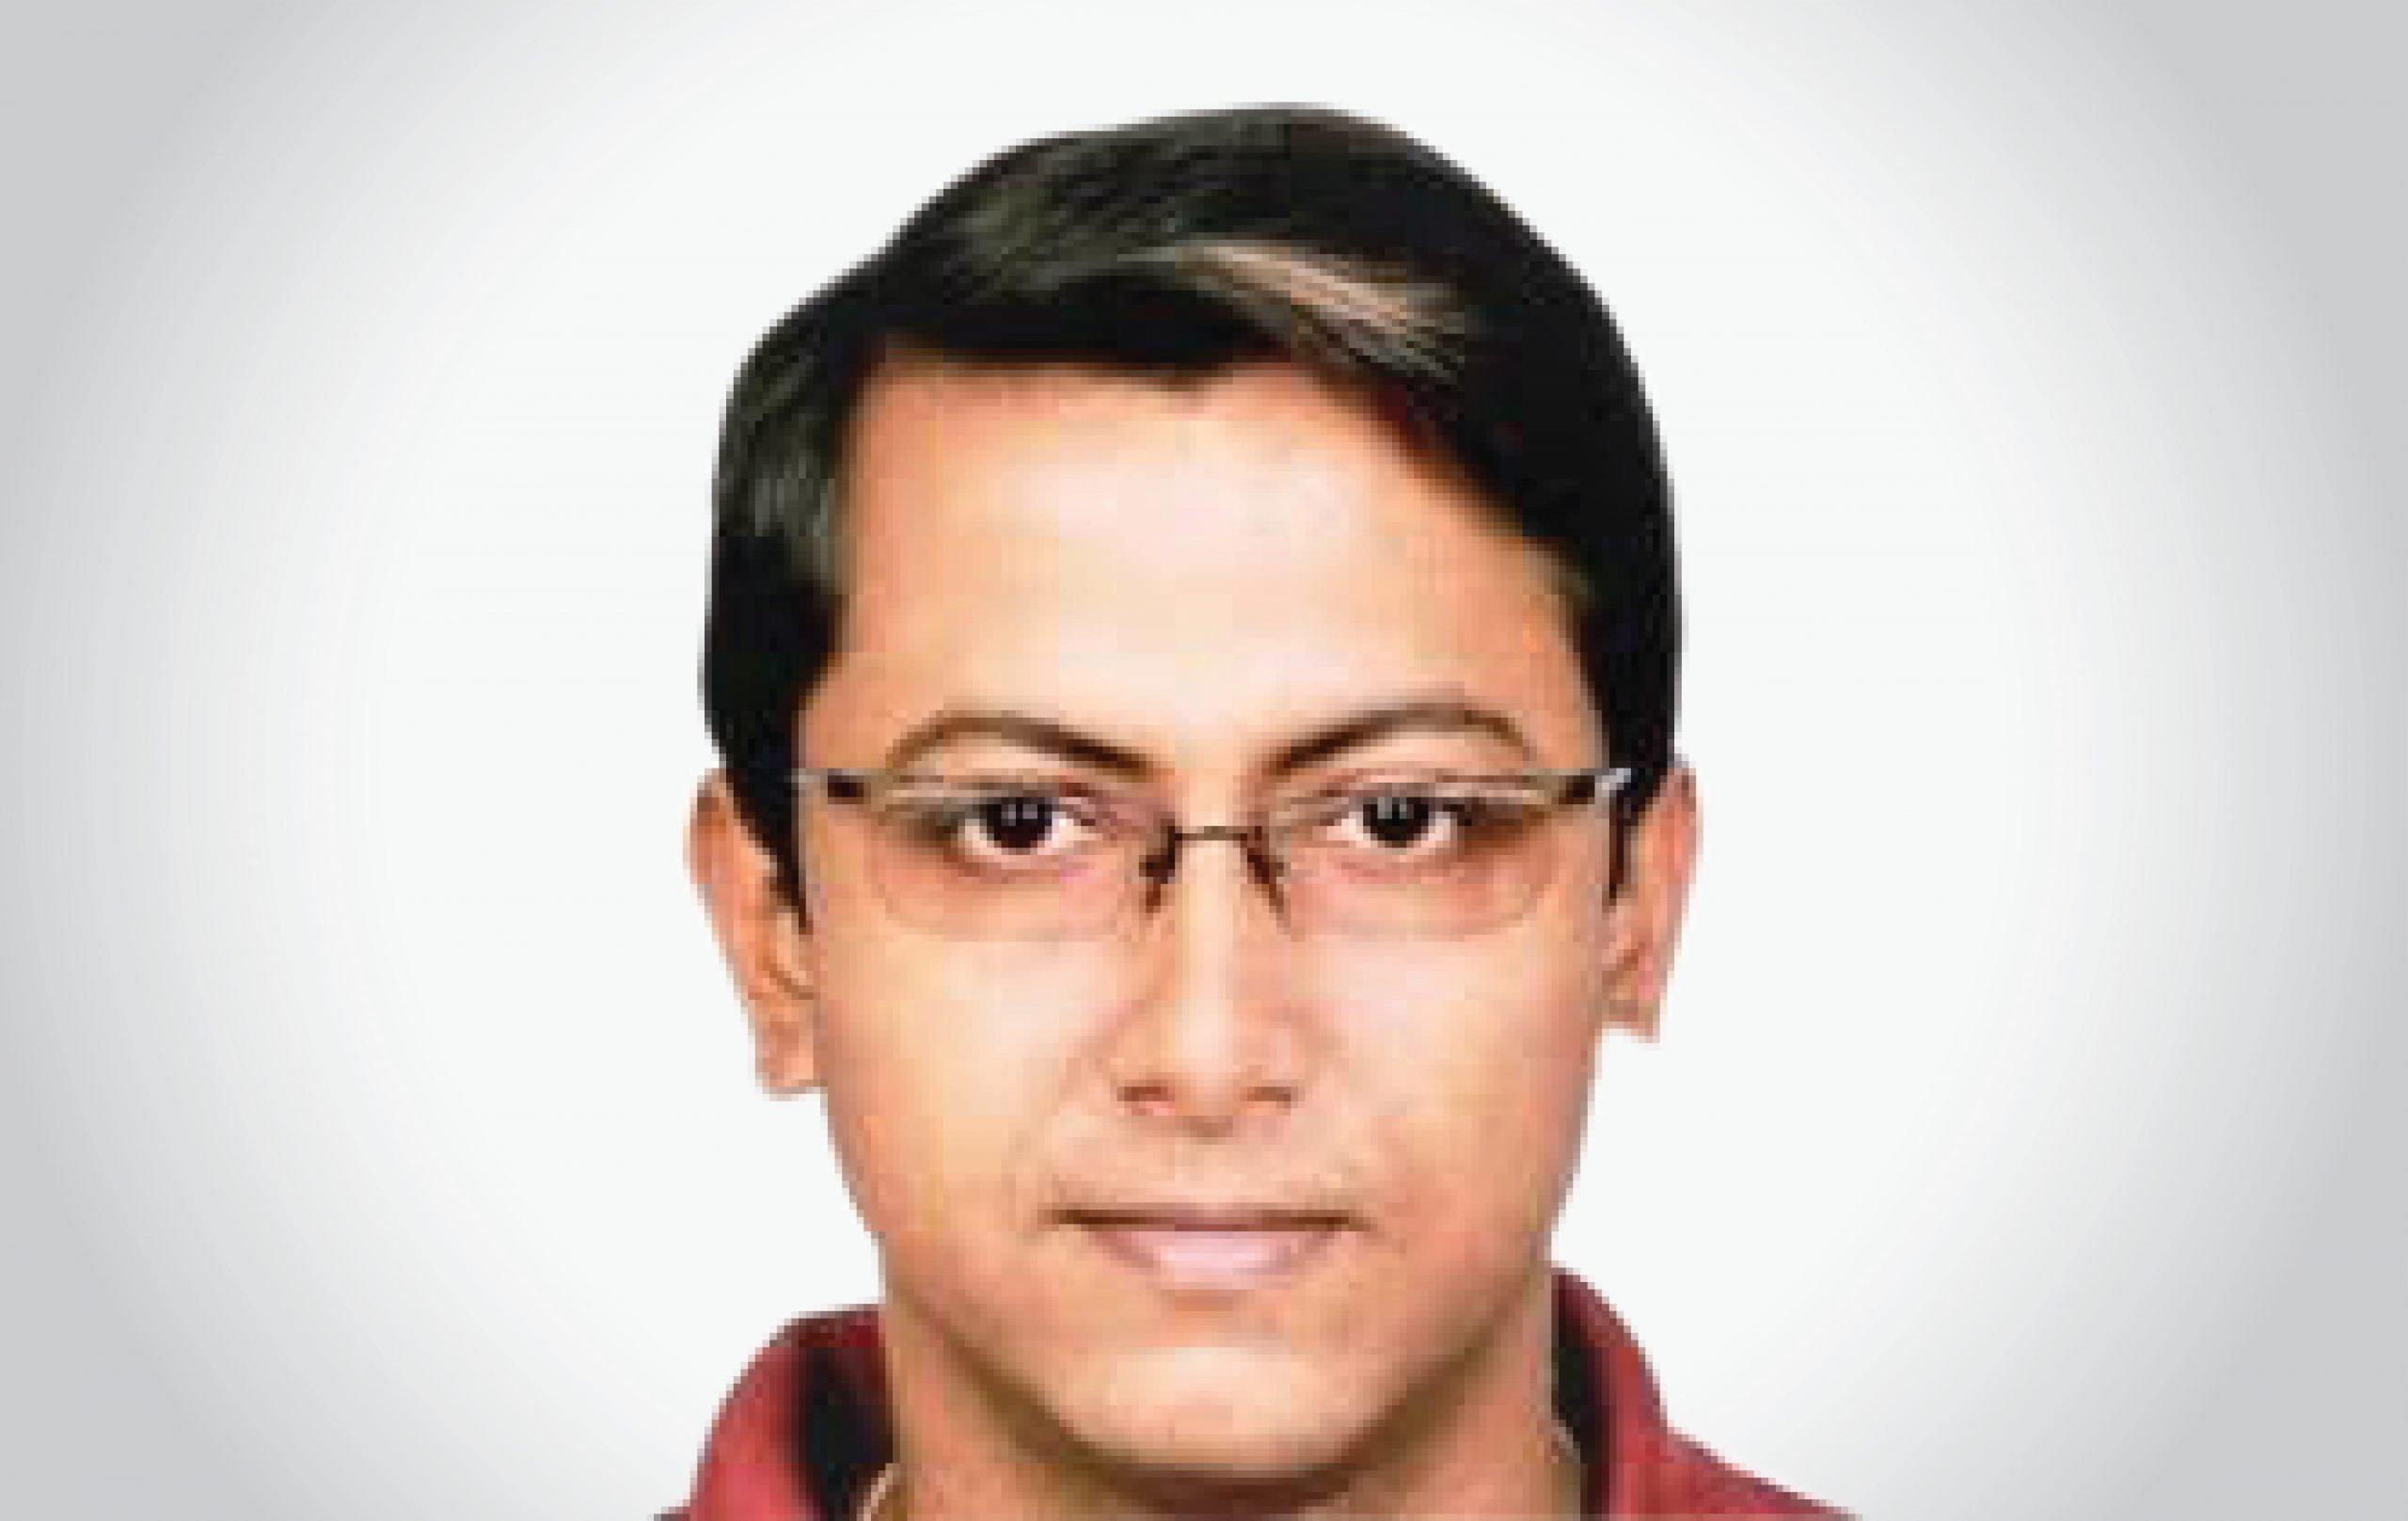 Dr. Anirban Bagchi